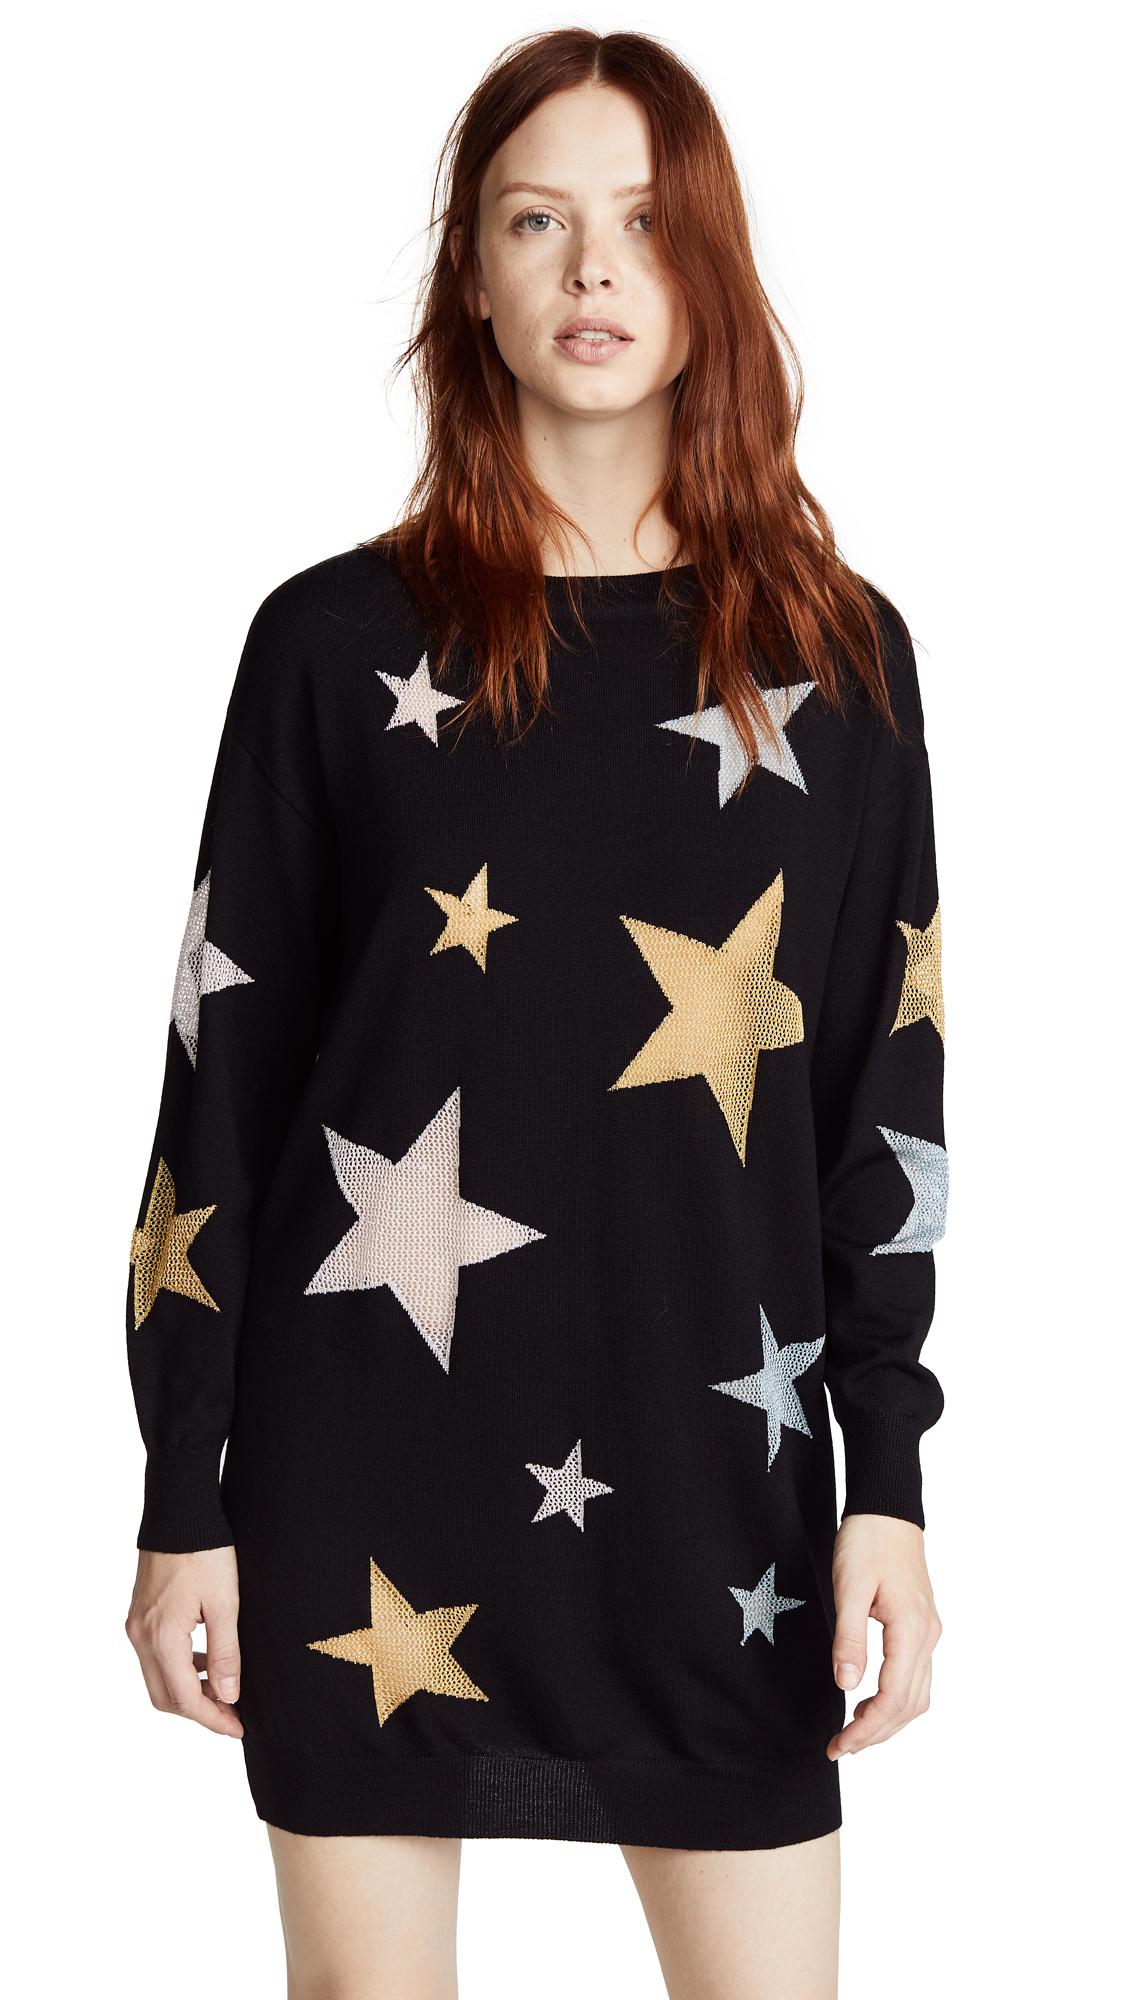 Boutique Moschino Star Mini Dress In Black Multi